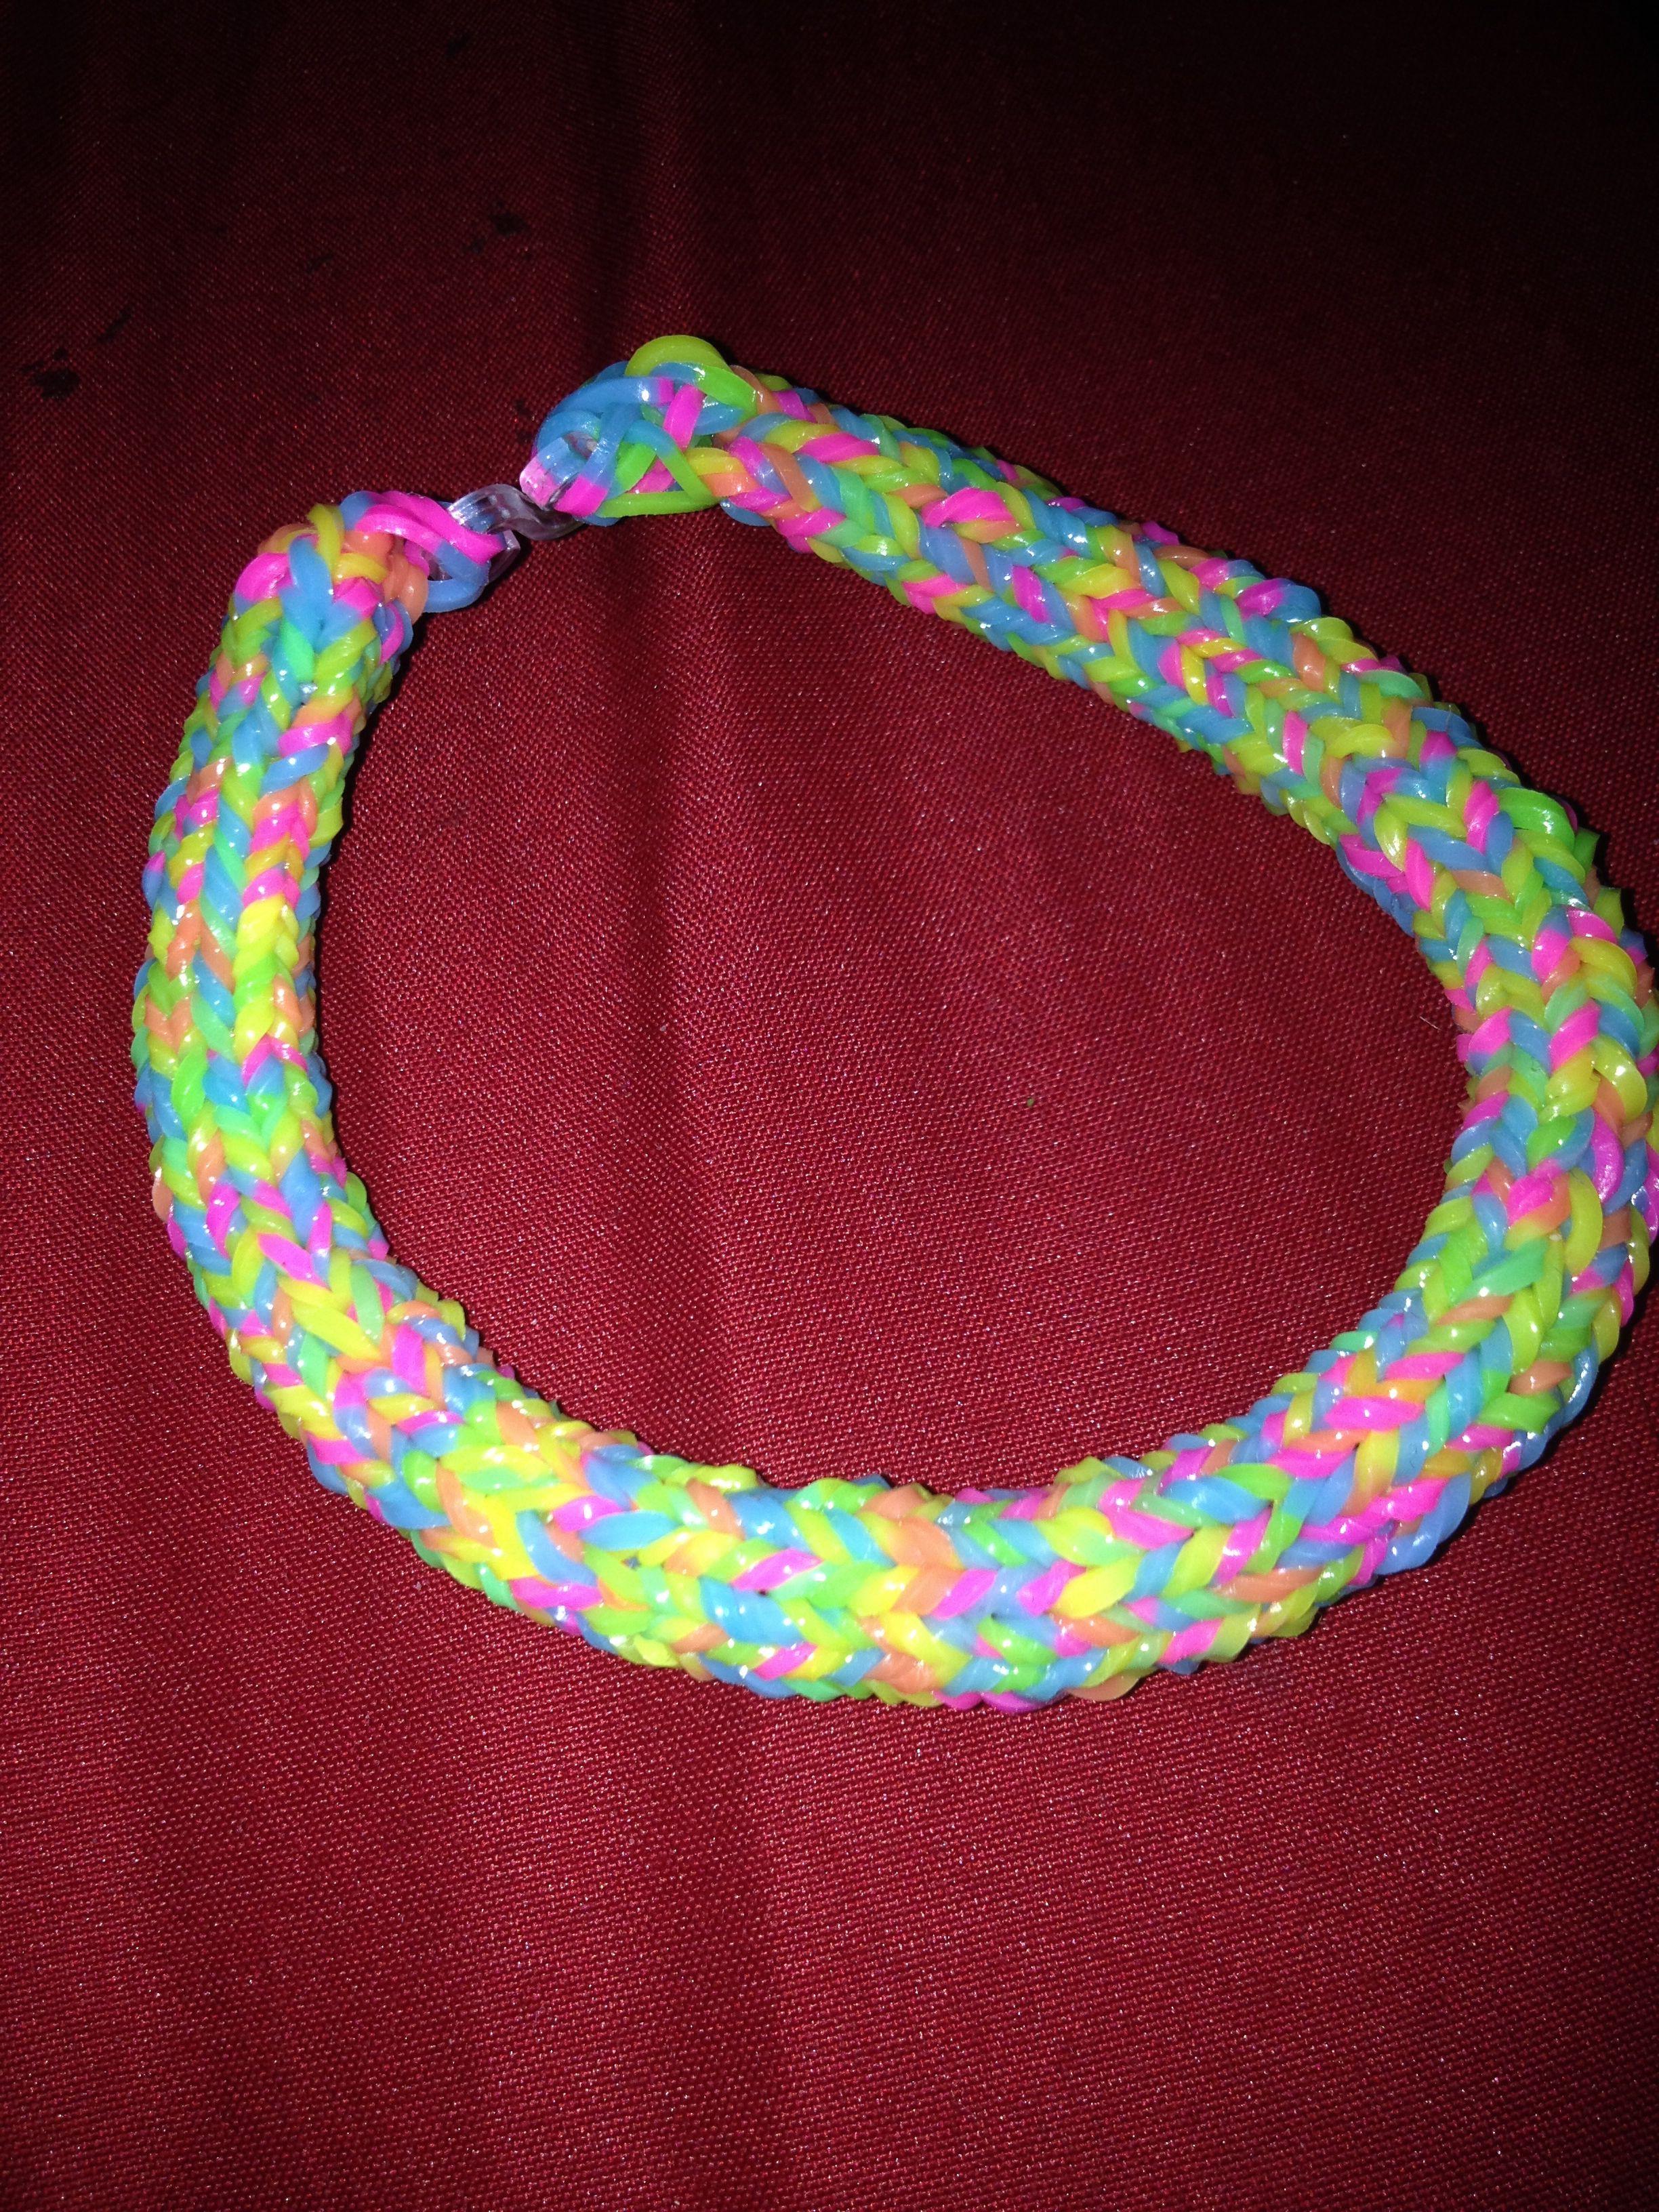 Hexafish Rubber Band Bracelet